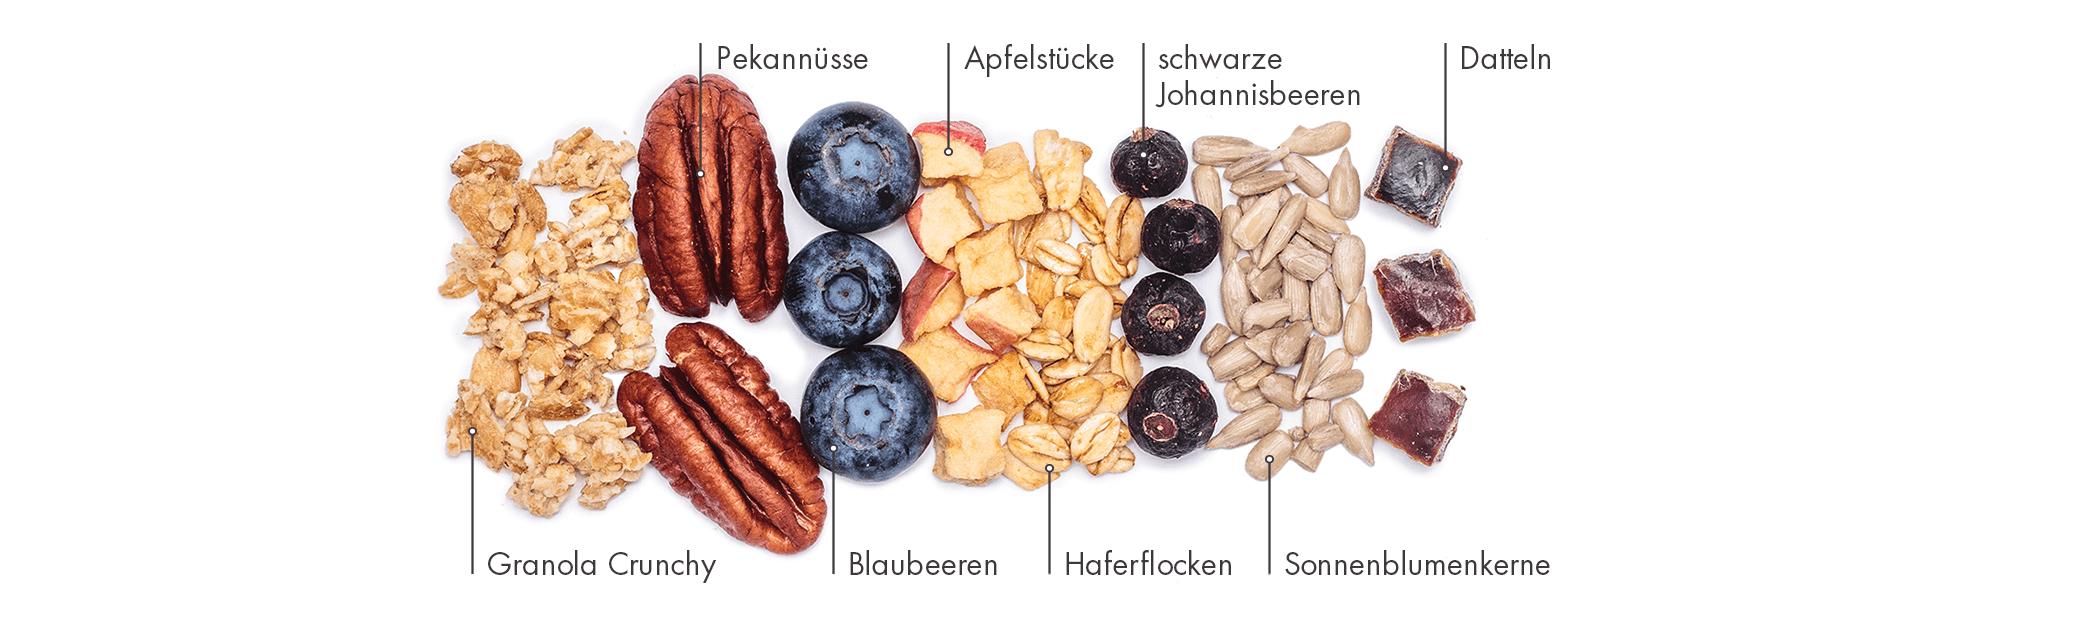 Unser Blaubeer-Vanille-Riegel enthält viel Bio-Früchte und ist der perfekte Snacl für zwischendurch.